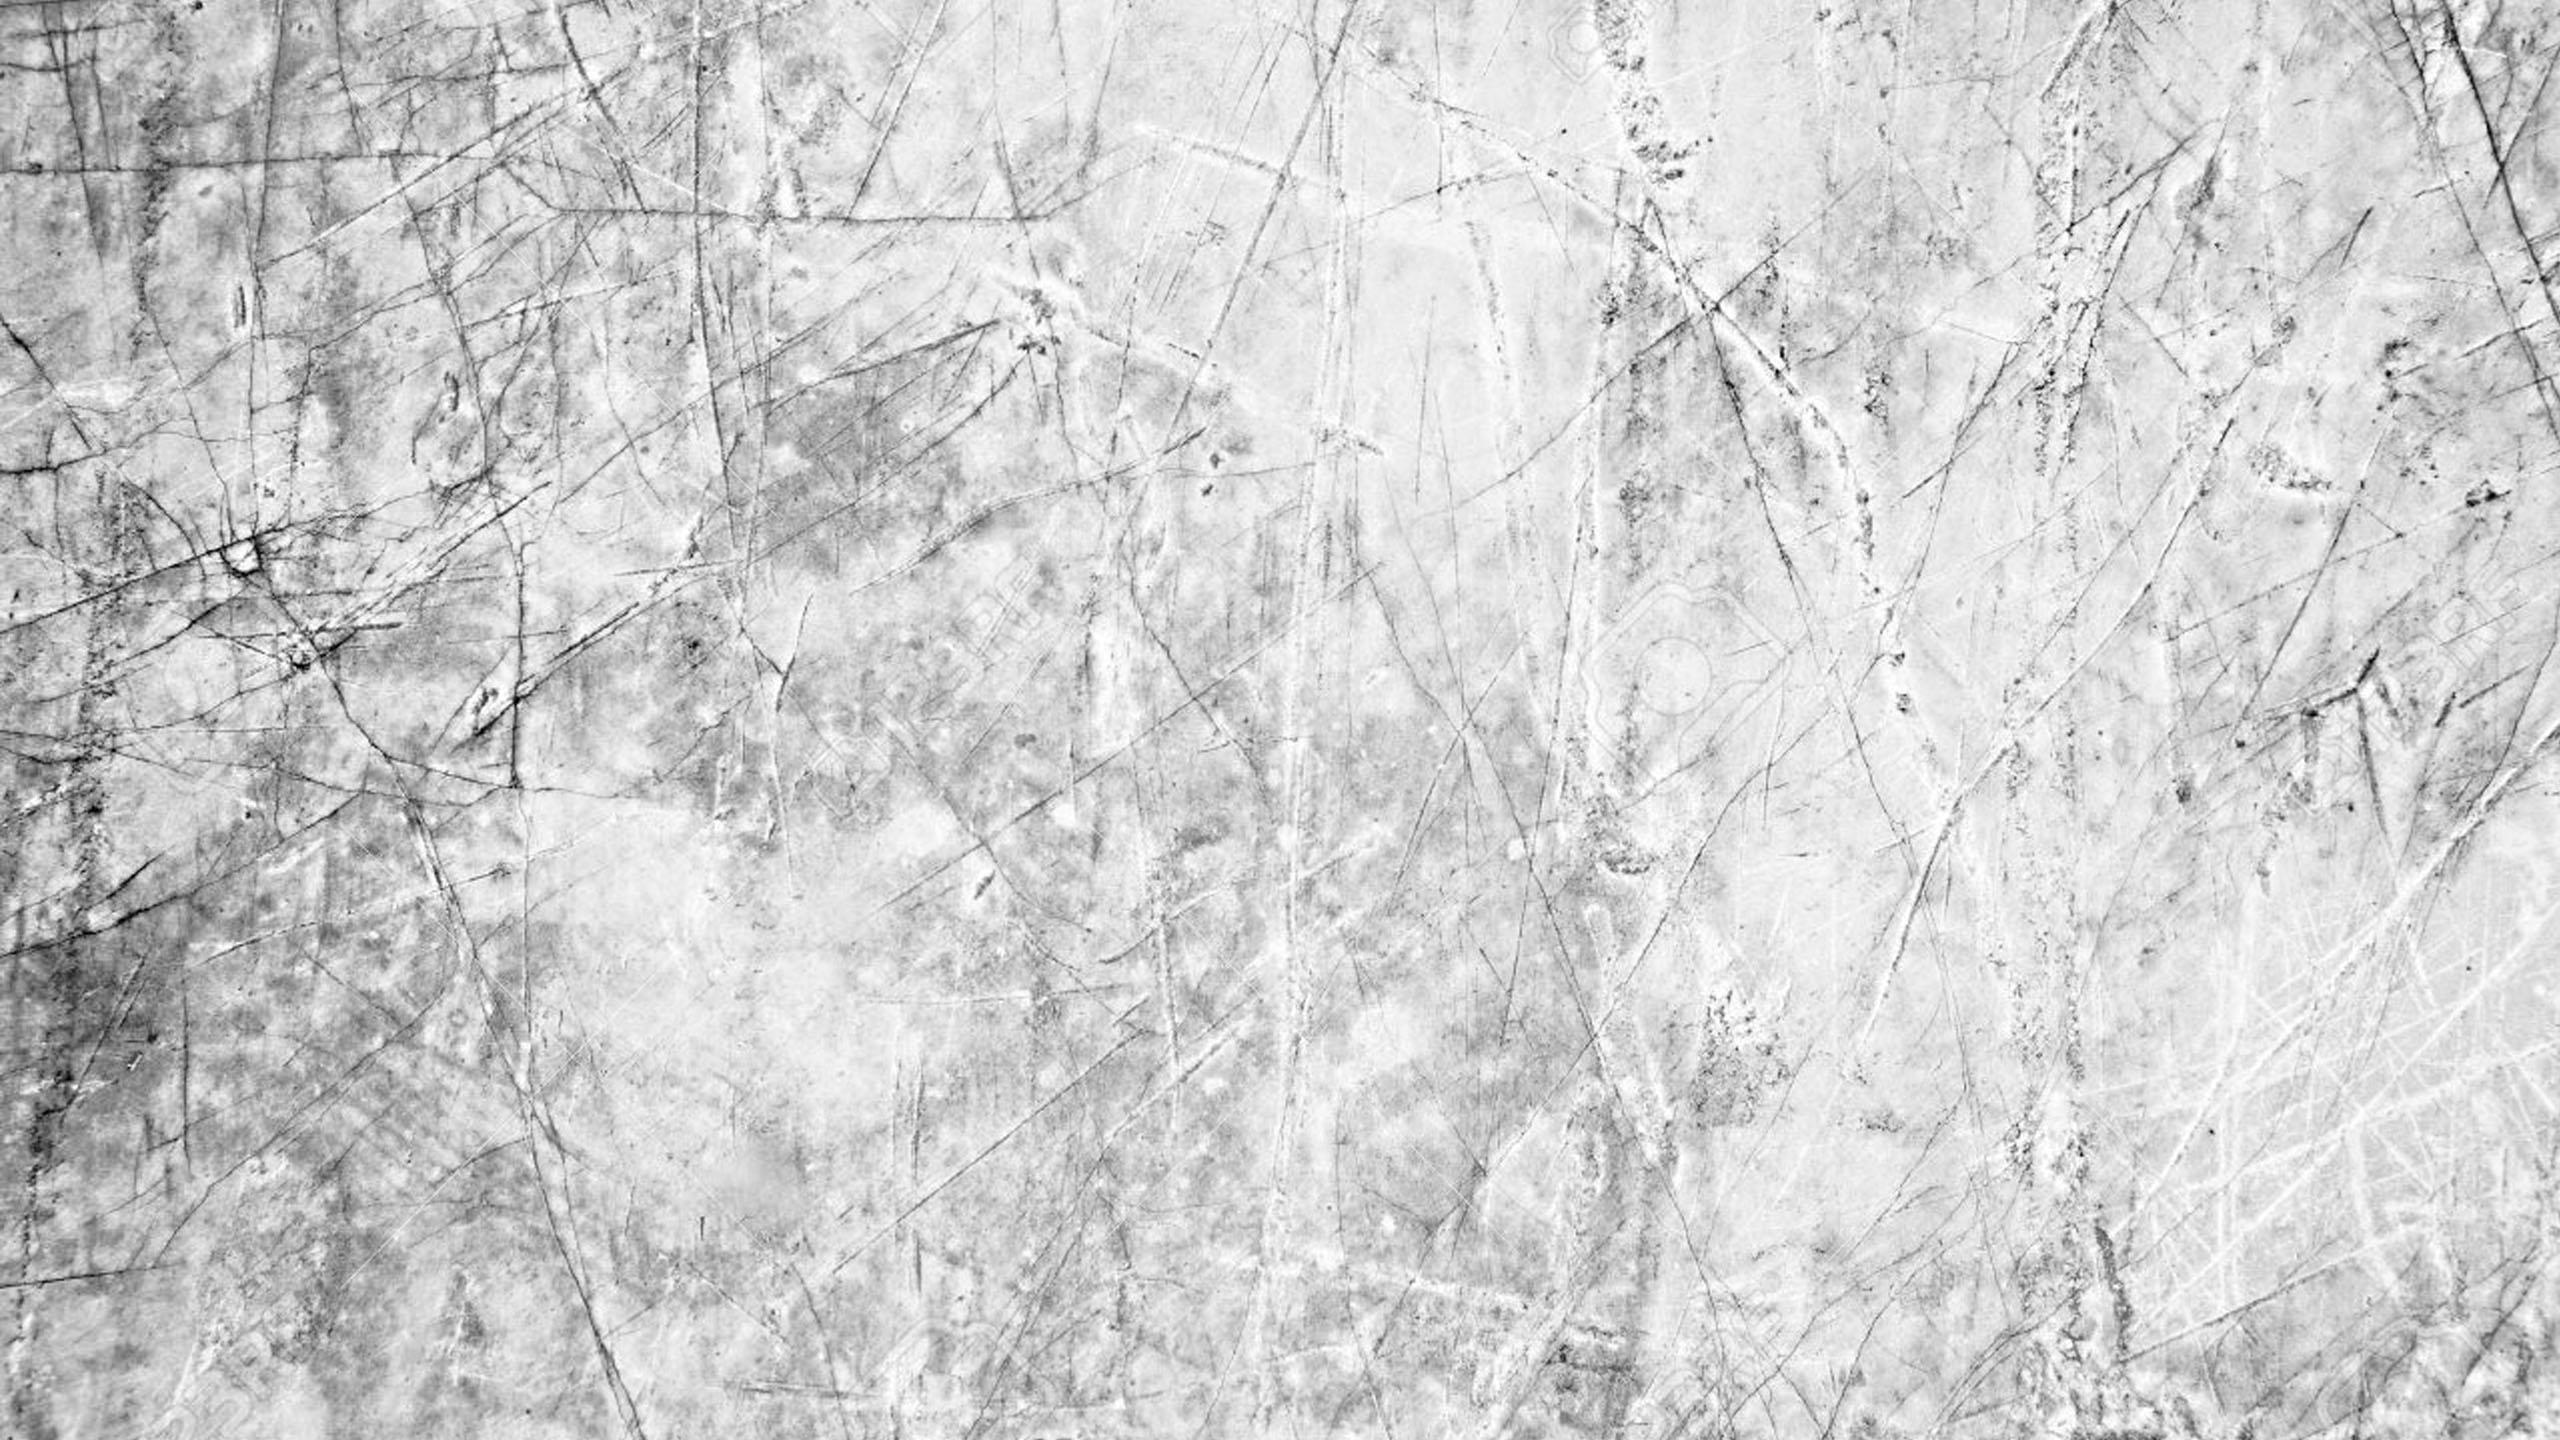 بالصور خلفية بيضاء ساده , اجمل الخلفيات البيضاء 6164 9